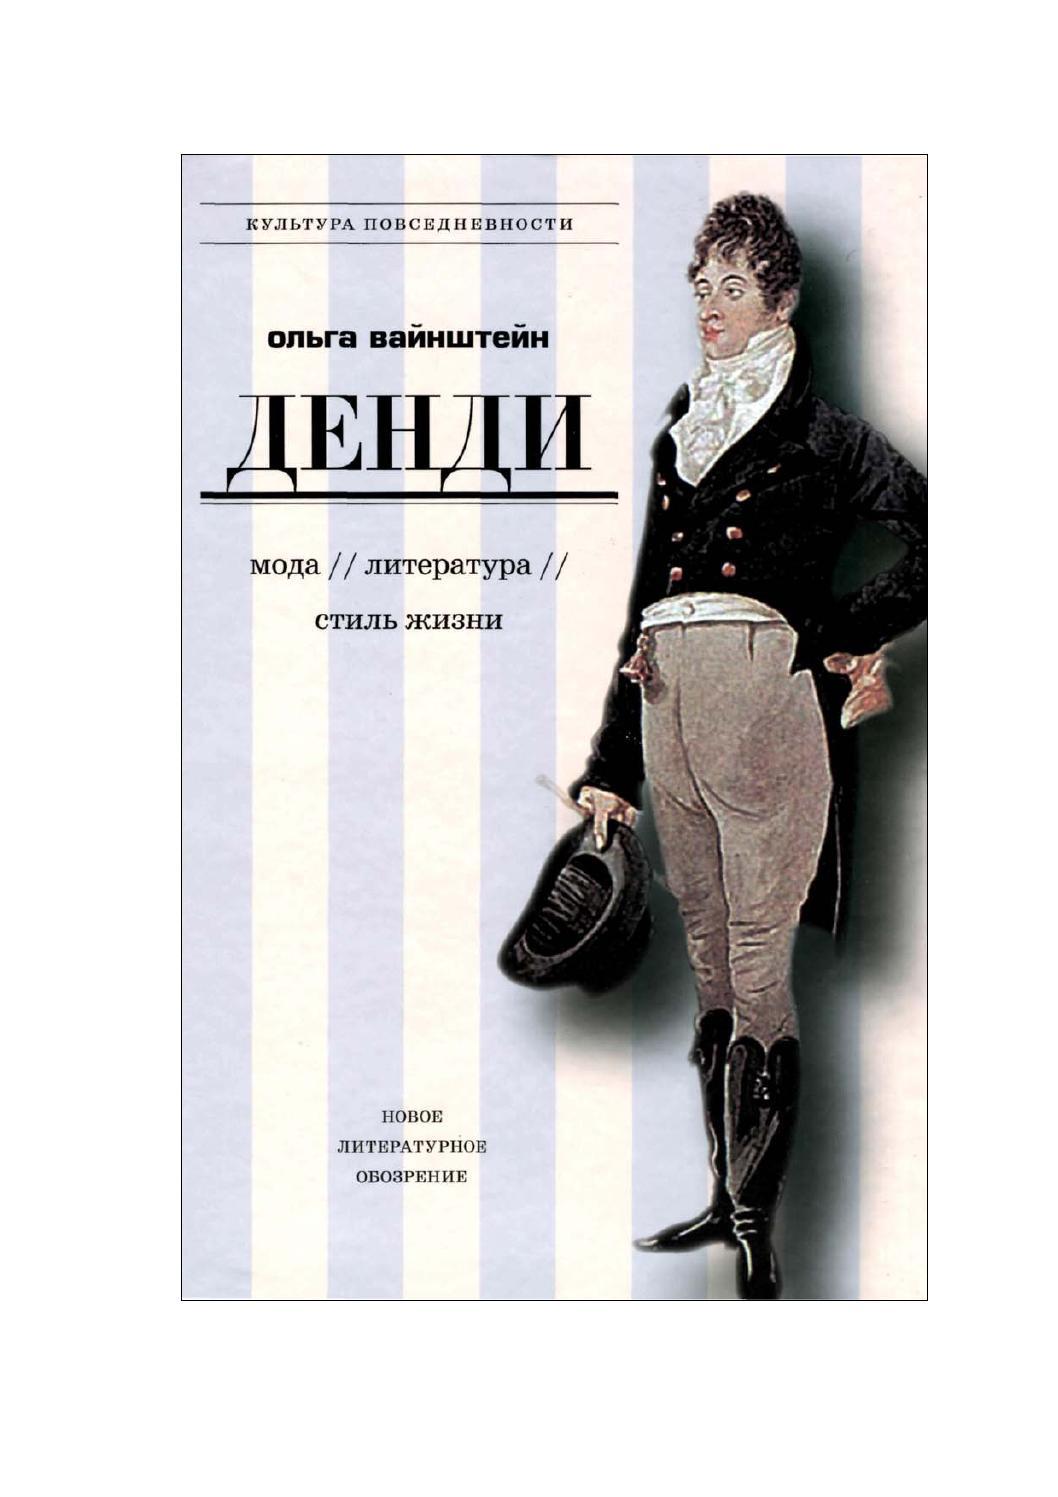 3ceda53e55a7 Dendi moda, literatura, stil  zhizni by Yelena Kondaurova - issuu